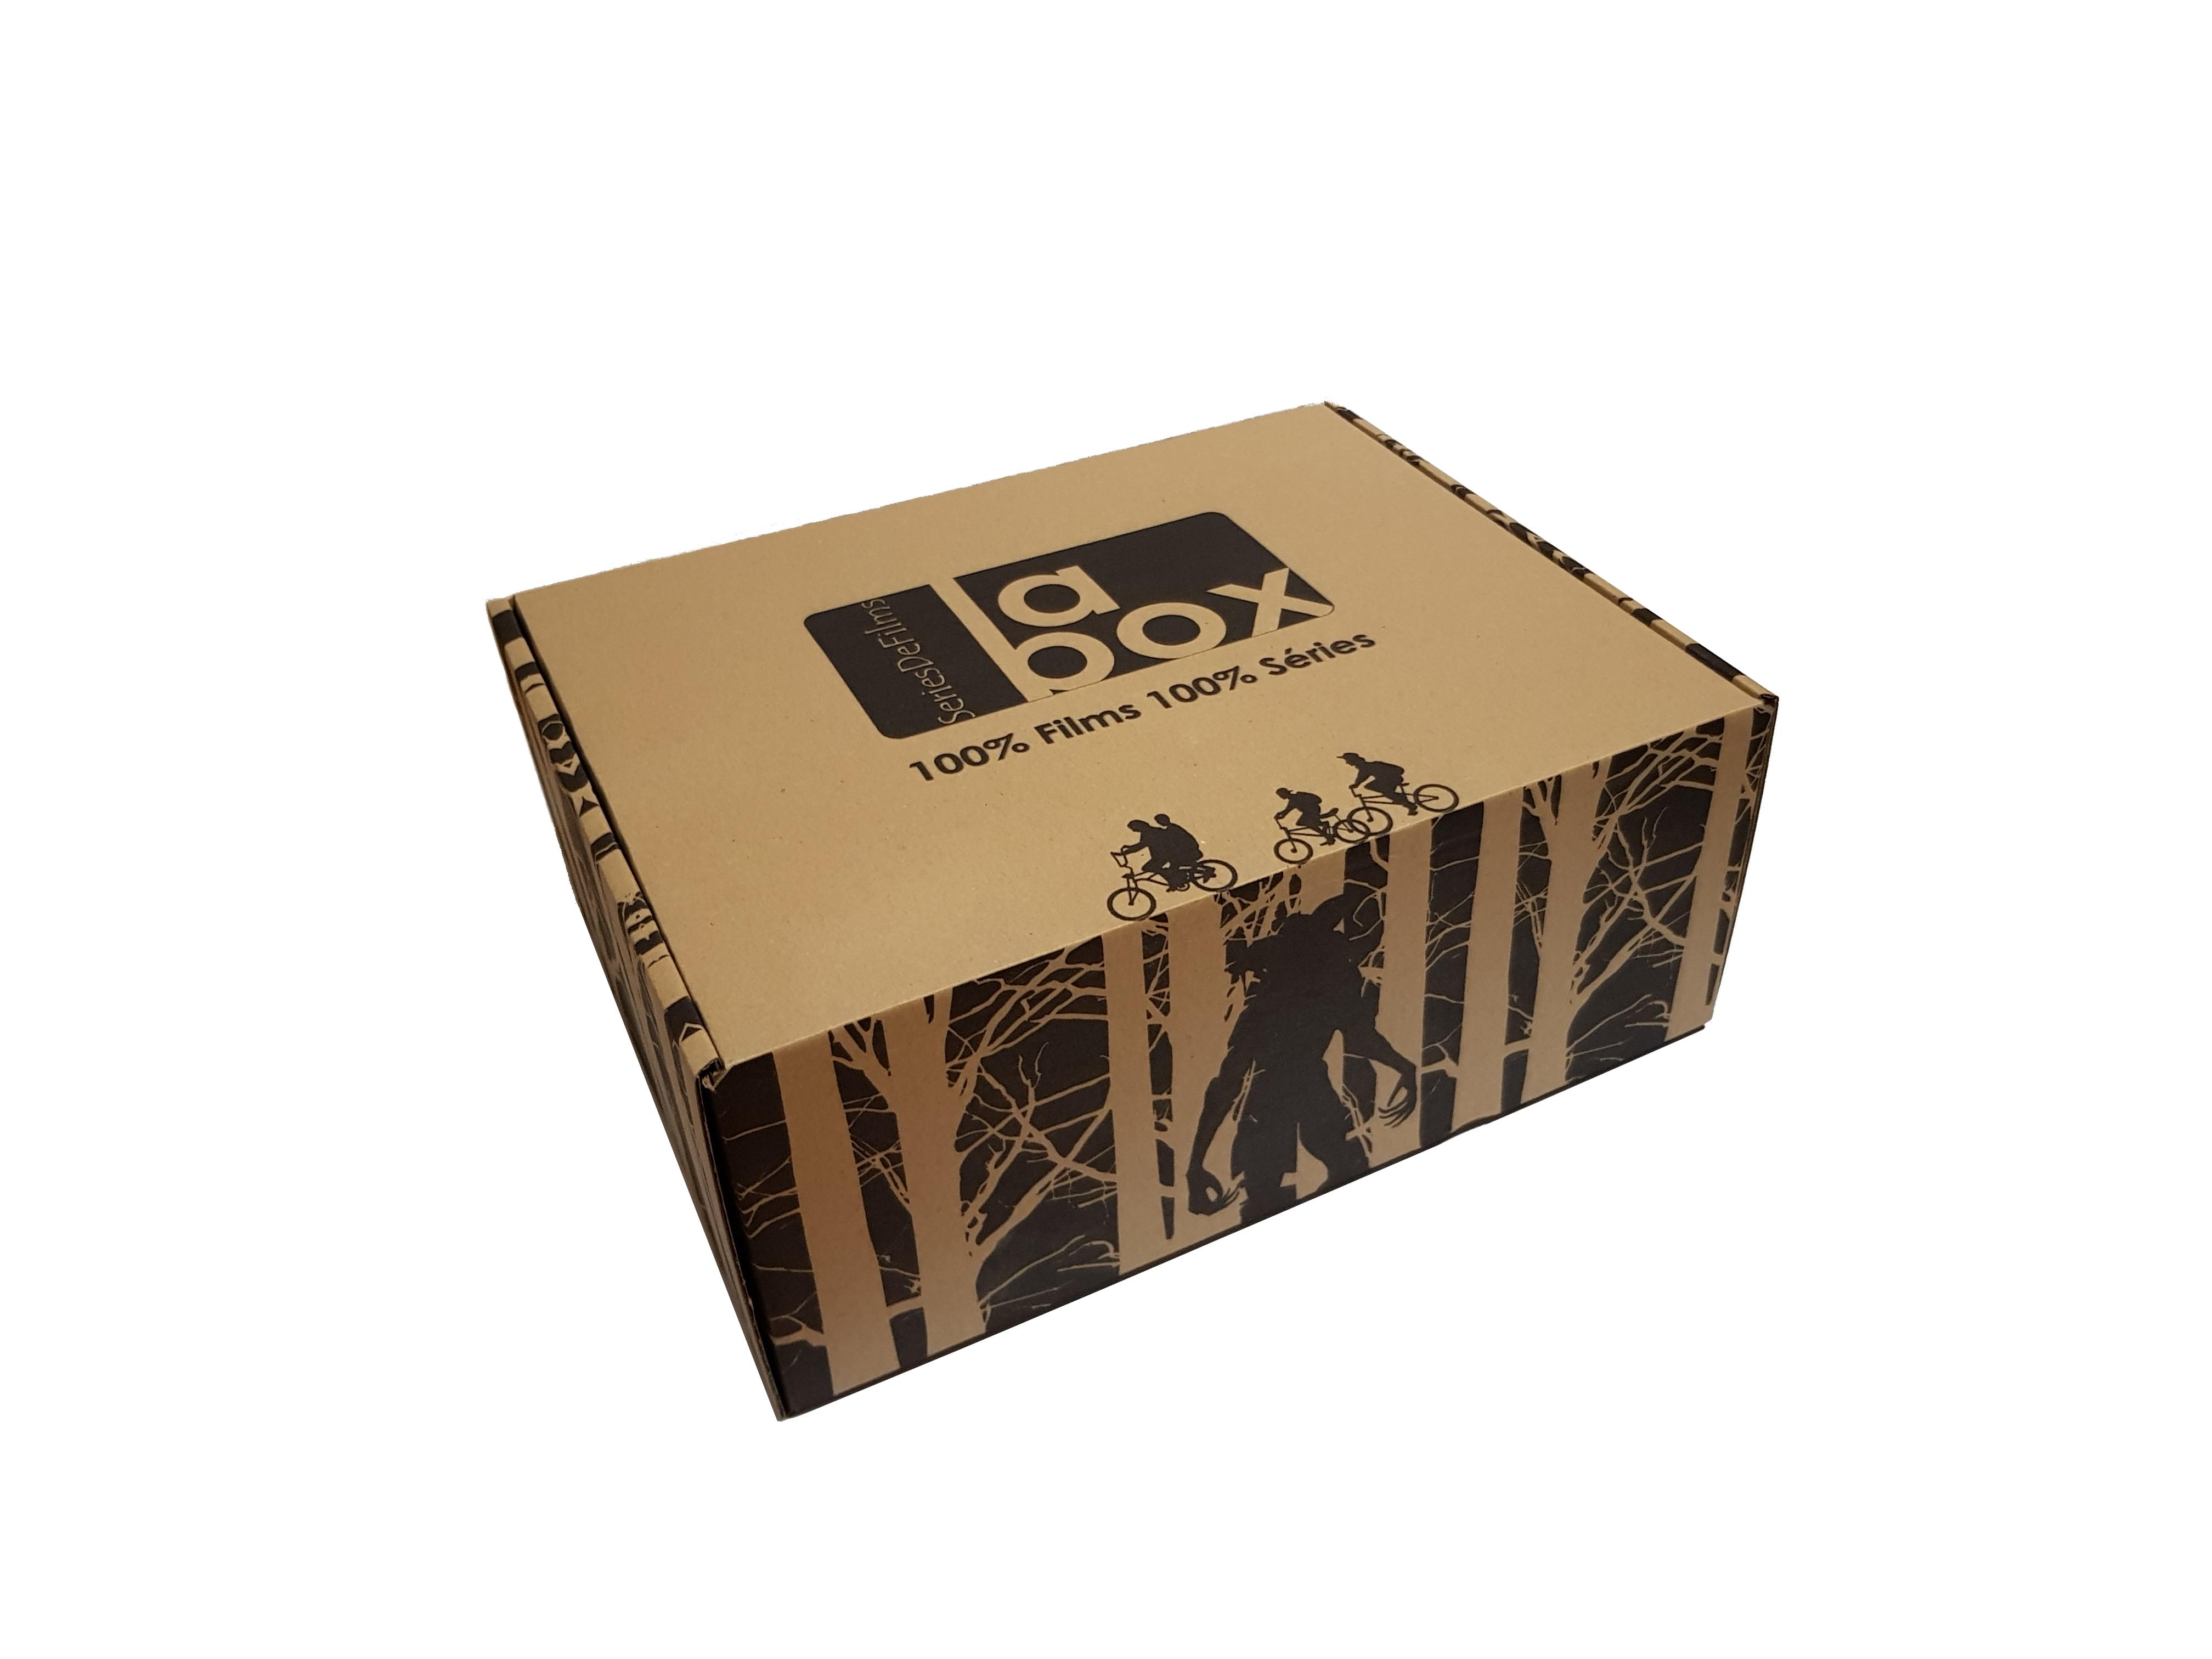 La Box SeriesDeFilms – Stranger Things